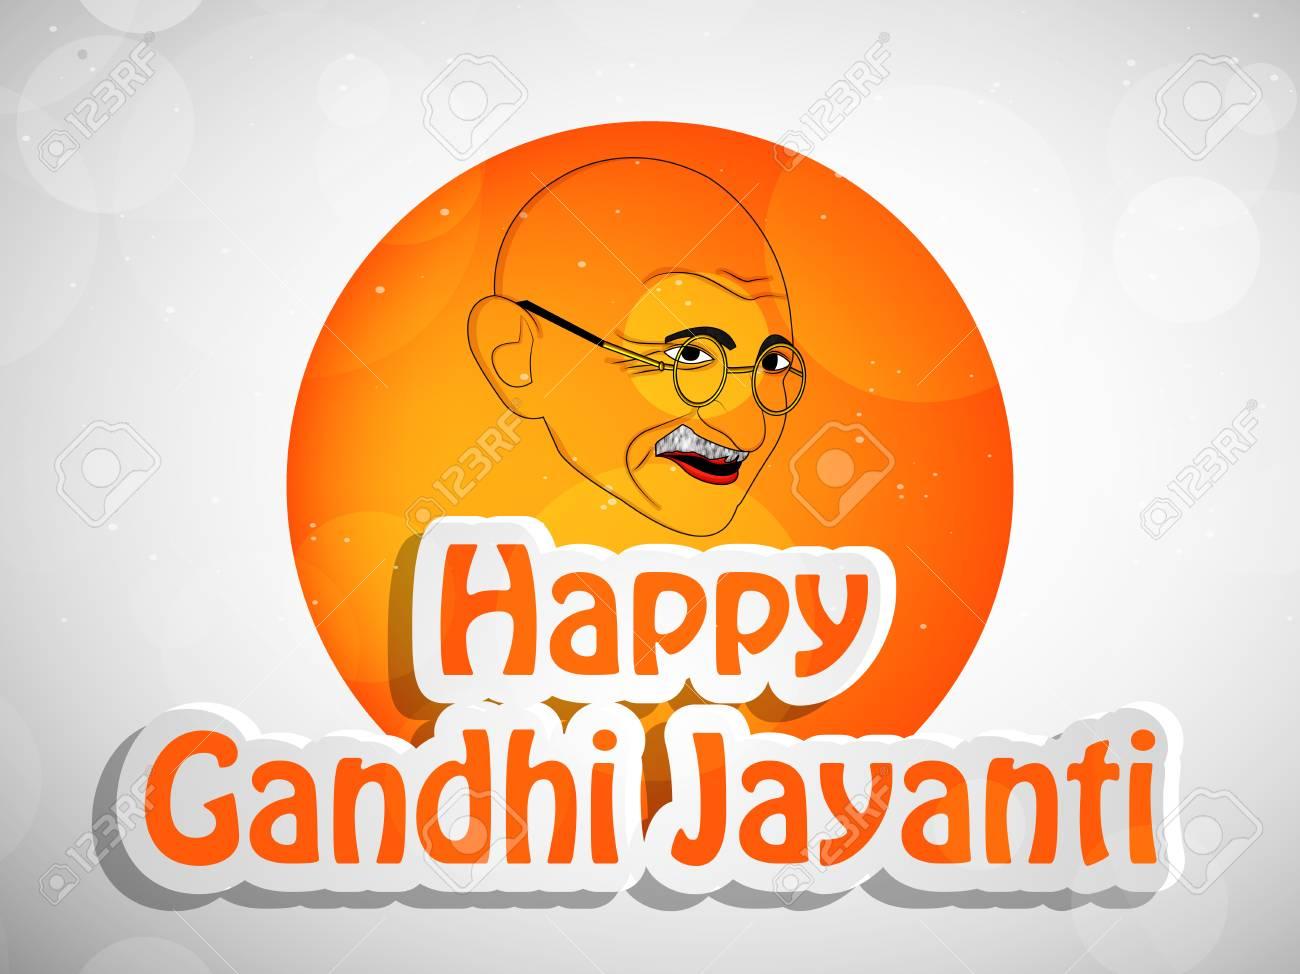 ガンジー Jayanti 背景の要素の図のイラスト素材ベクタ Image 85930639